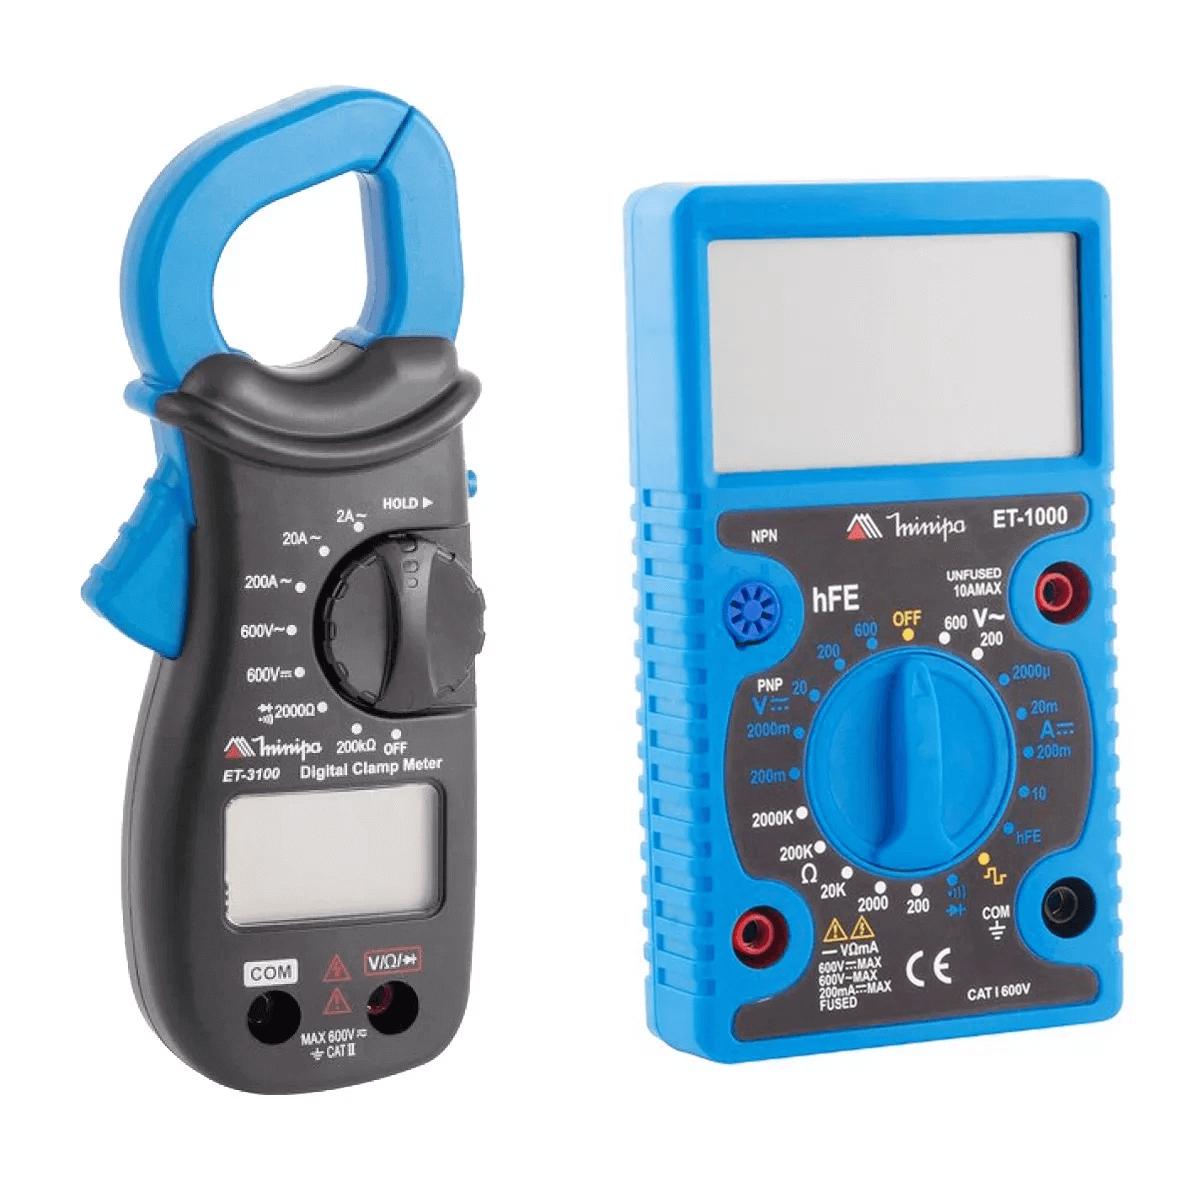 Kit Minipa Alicate Amperímetro Et-3100 + Multímetro Et-1000